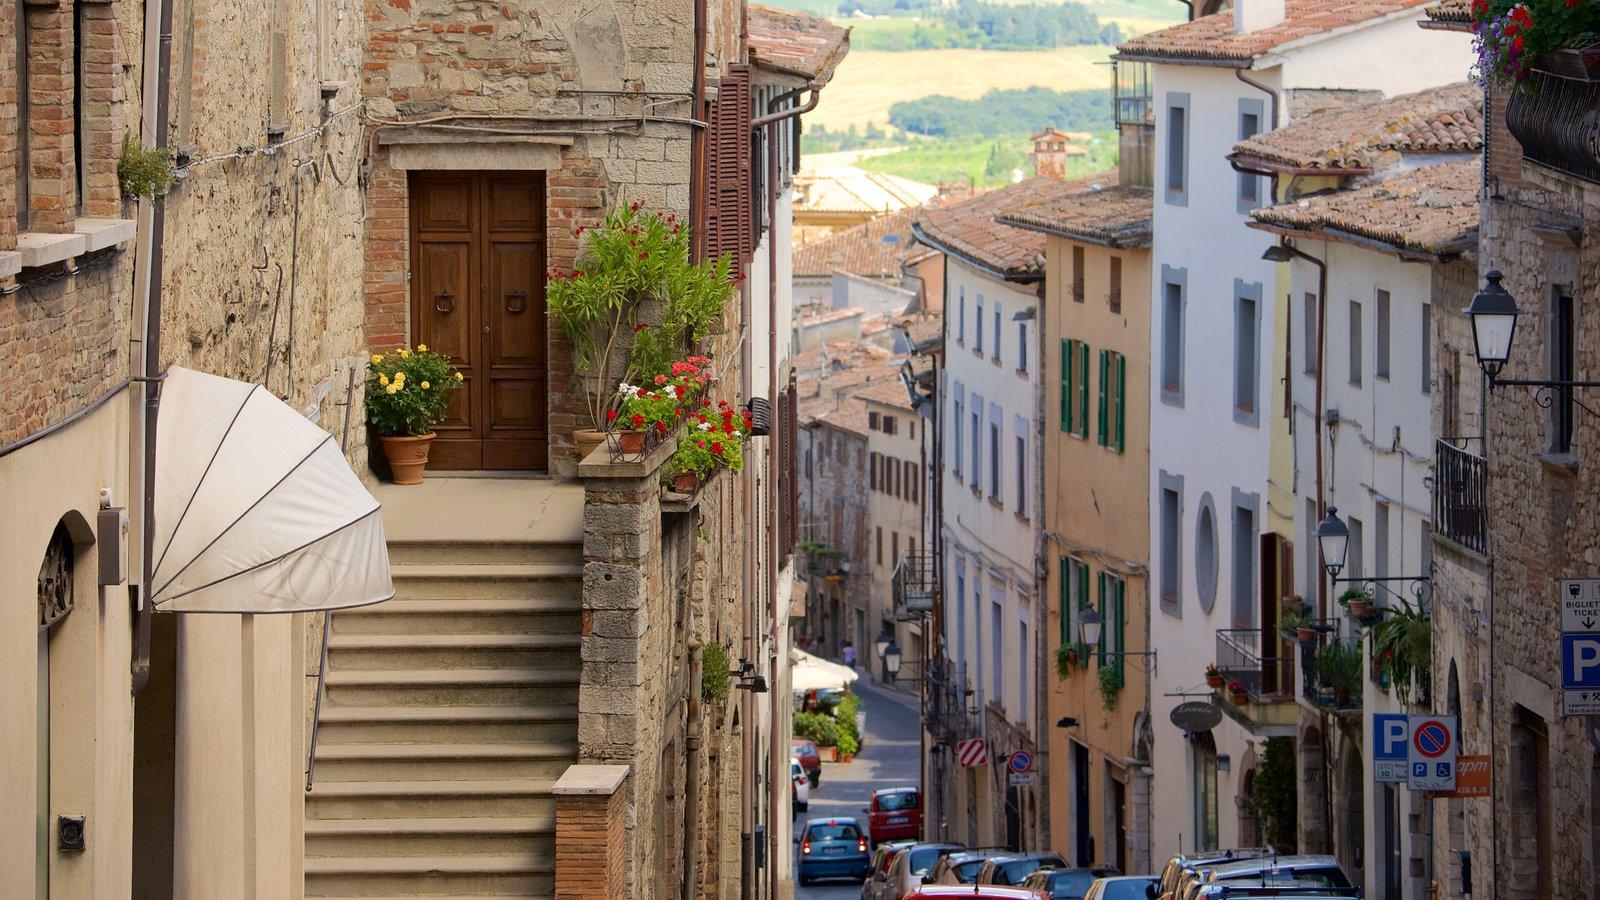 Todi ofreciendo escenas urbanas, patrimonio de arquitectura y una pequeña ciudad o pueblo